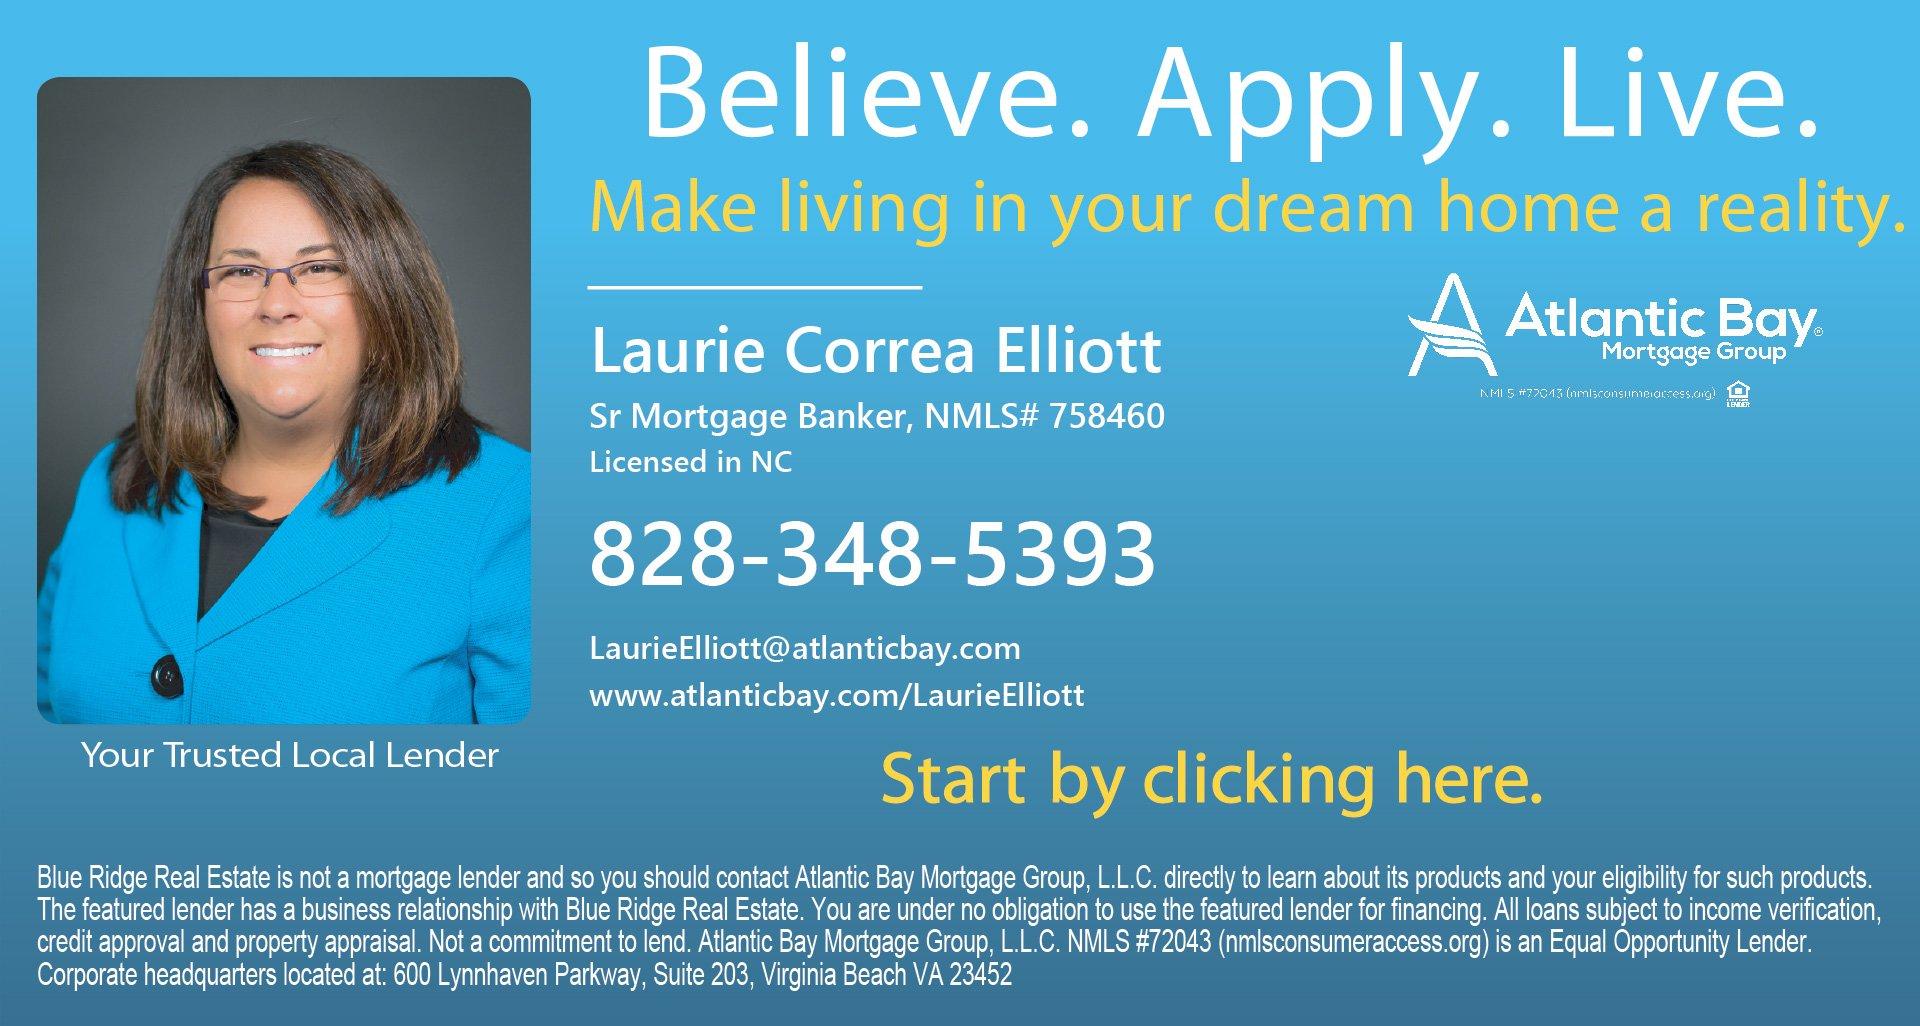 Laurie Correa Elliot